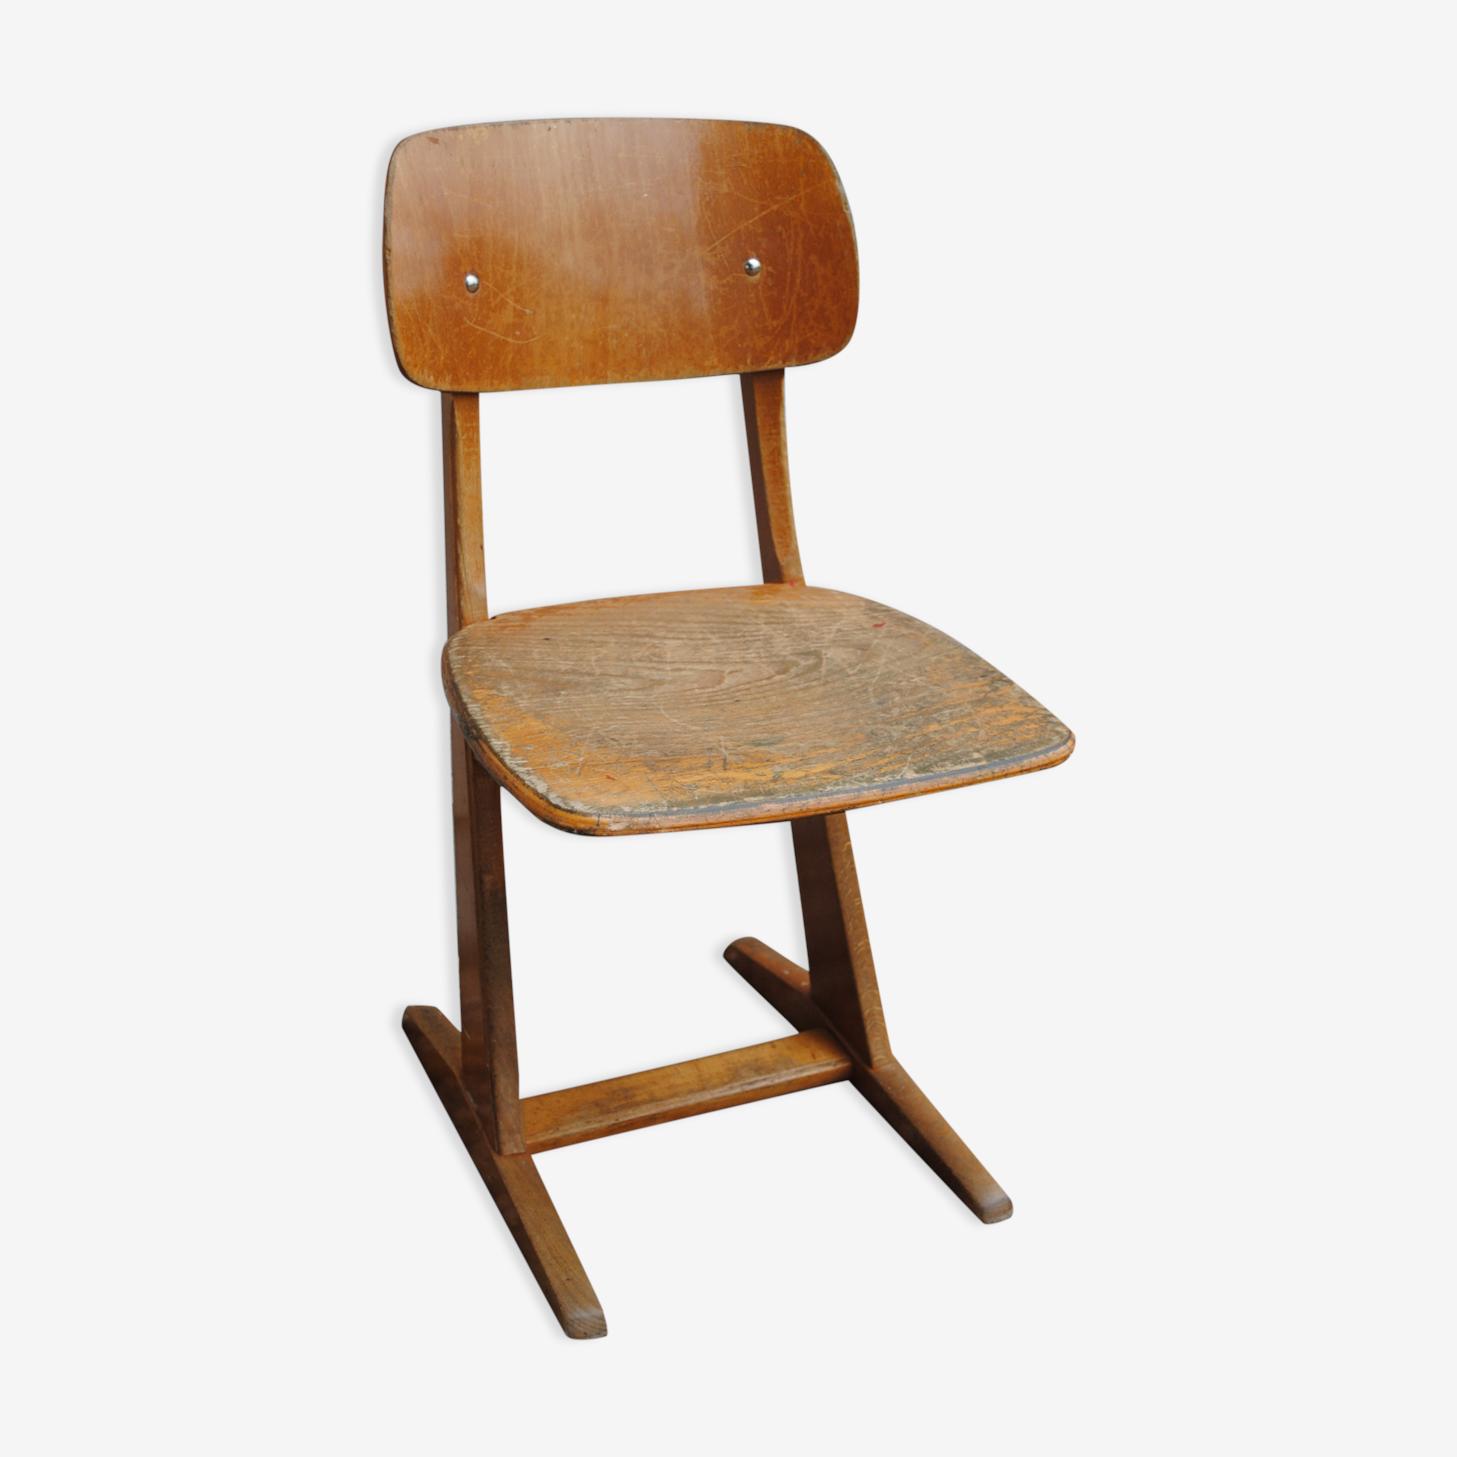 Chaise d'école casala 1950